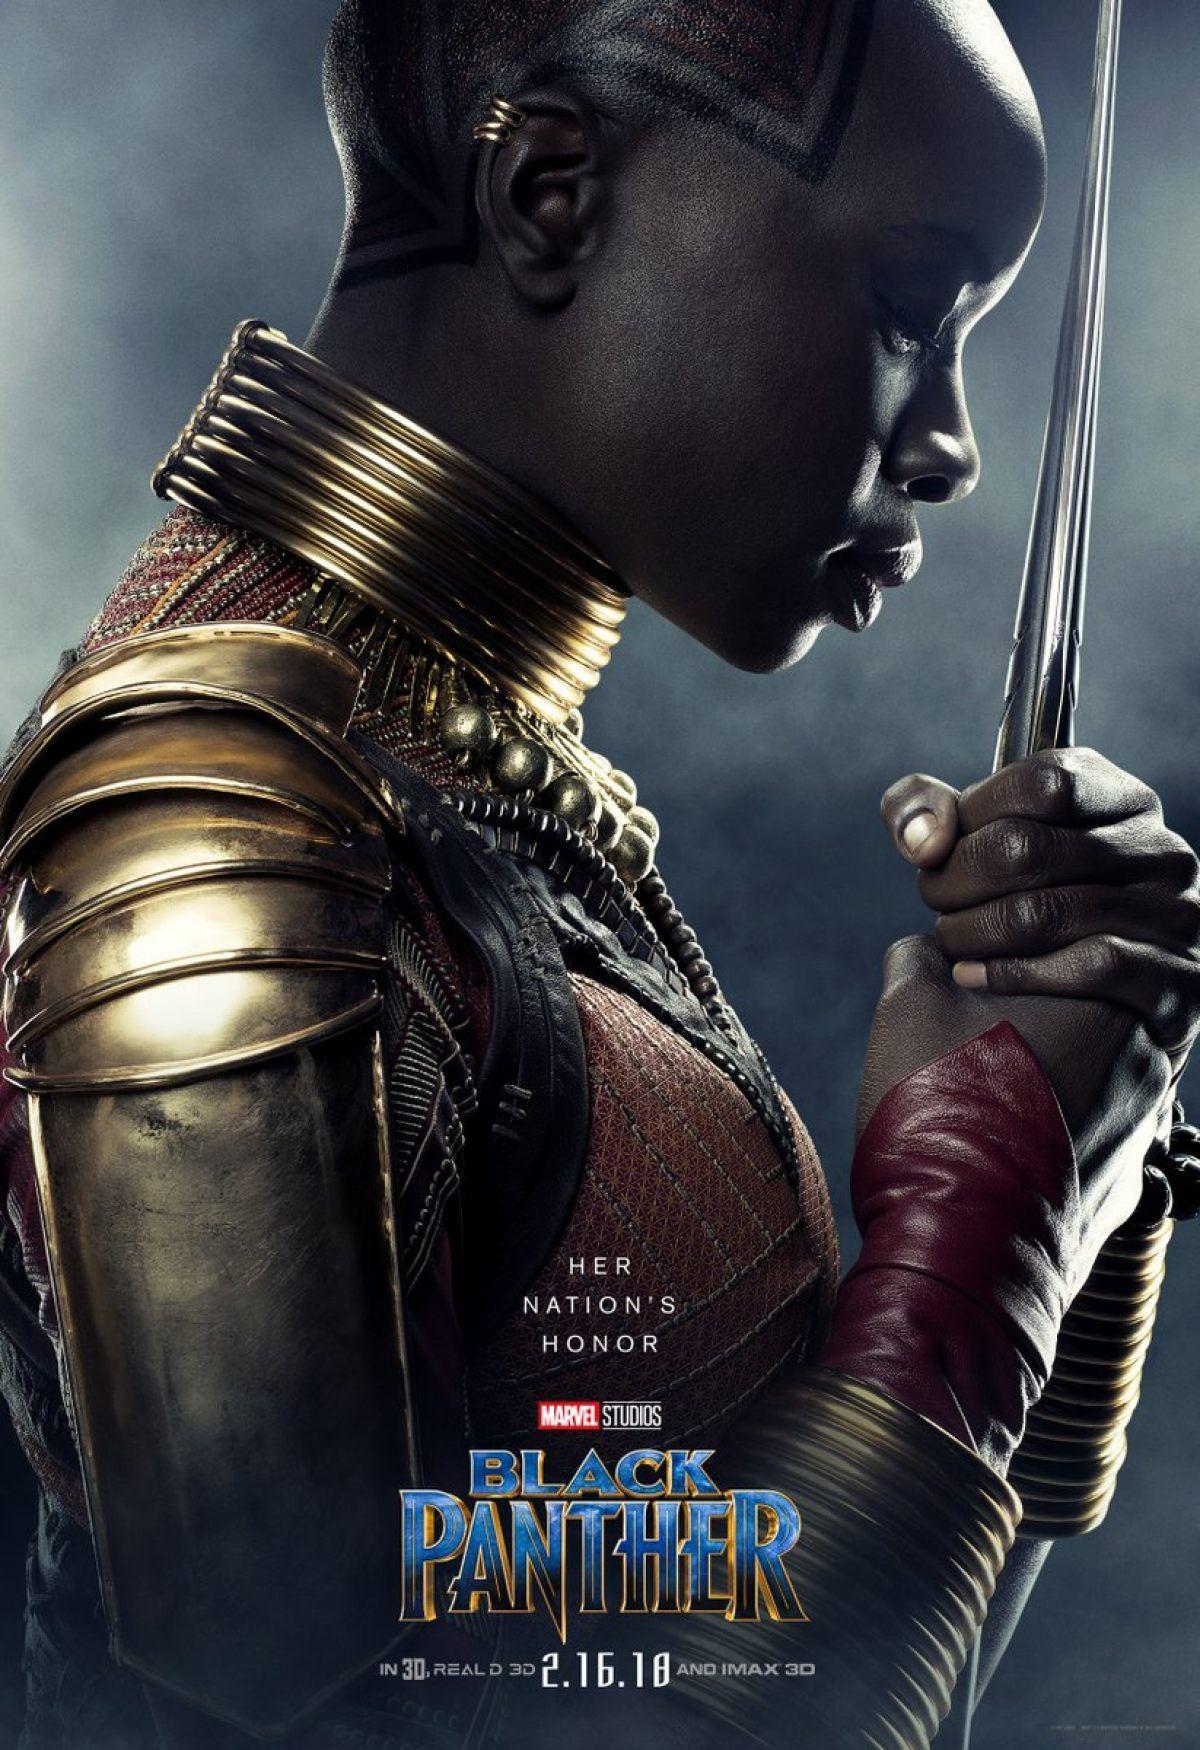 Blackpanther Official Posters Black Panther Marvel Filme Pantera Negra Pantera Negra